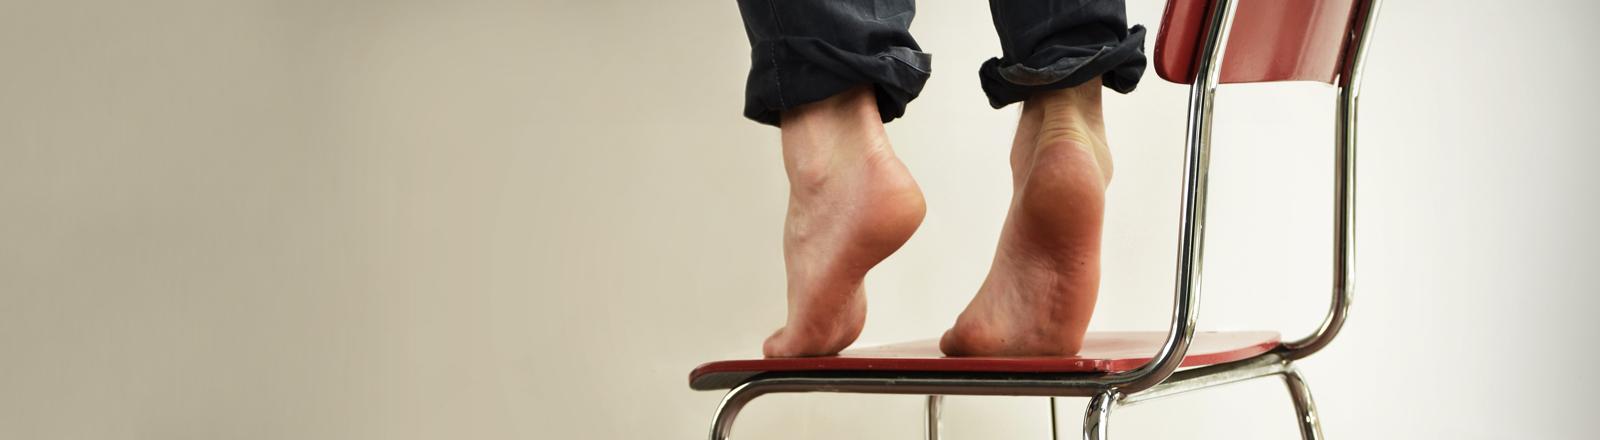 Zwei Füße auf einem Stuhl, auf den Zehenspitzen stehend